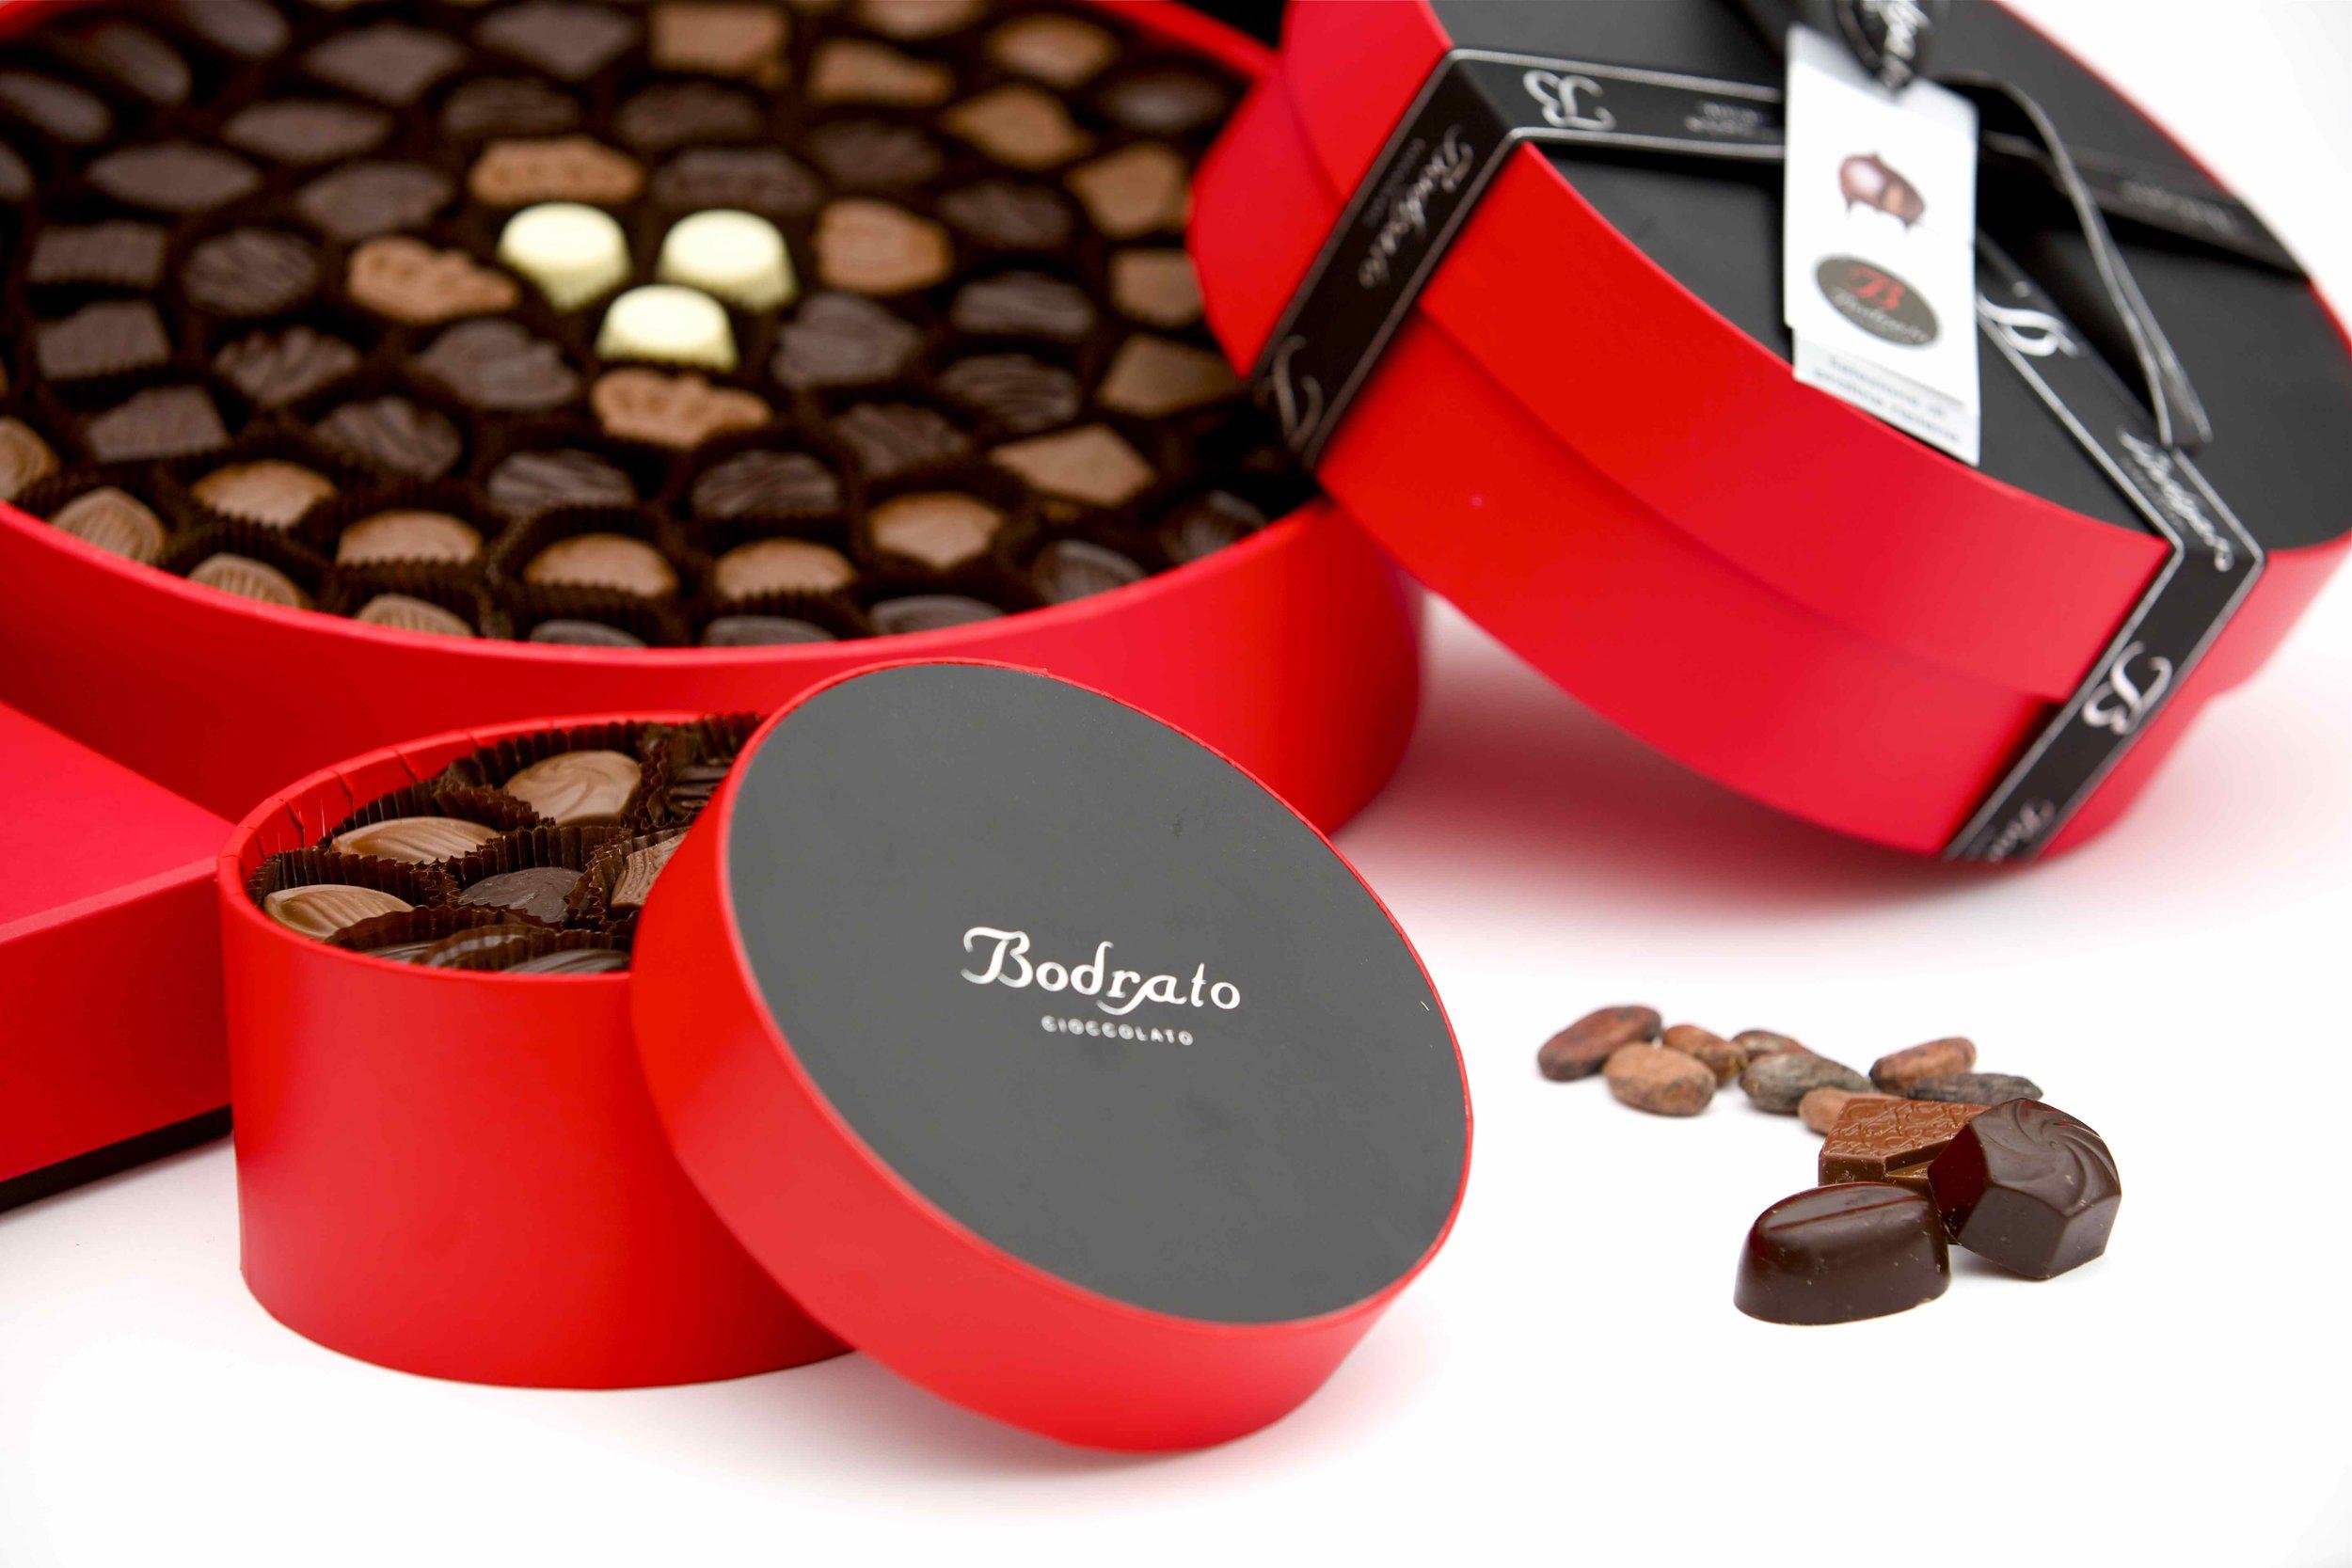 Brodato ha da sempre mantenuto le sue iconiche confezioni rosse, ideali anche come regalo per le feste.